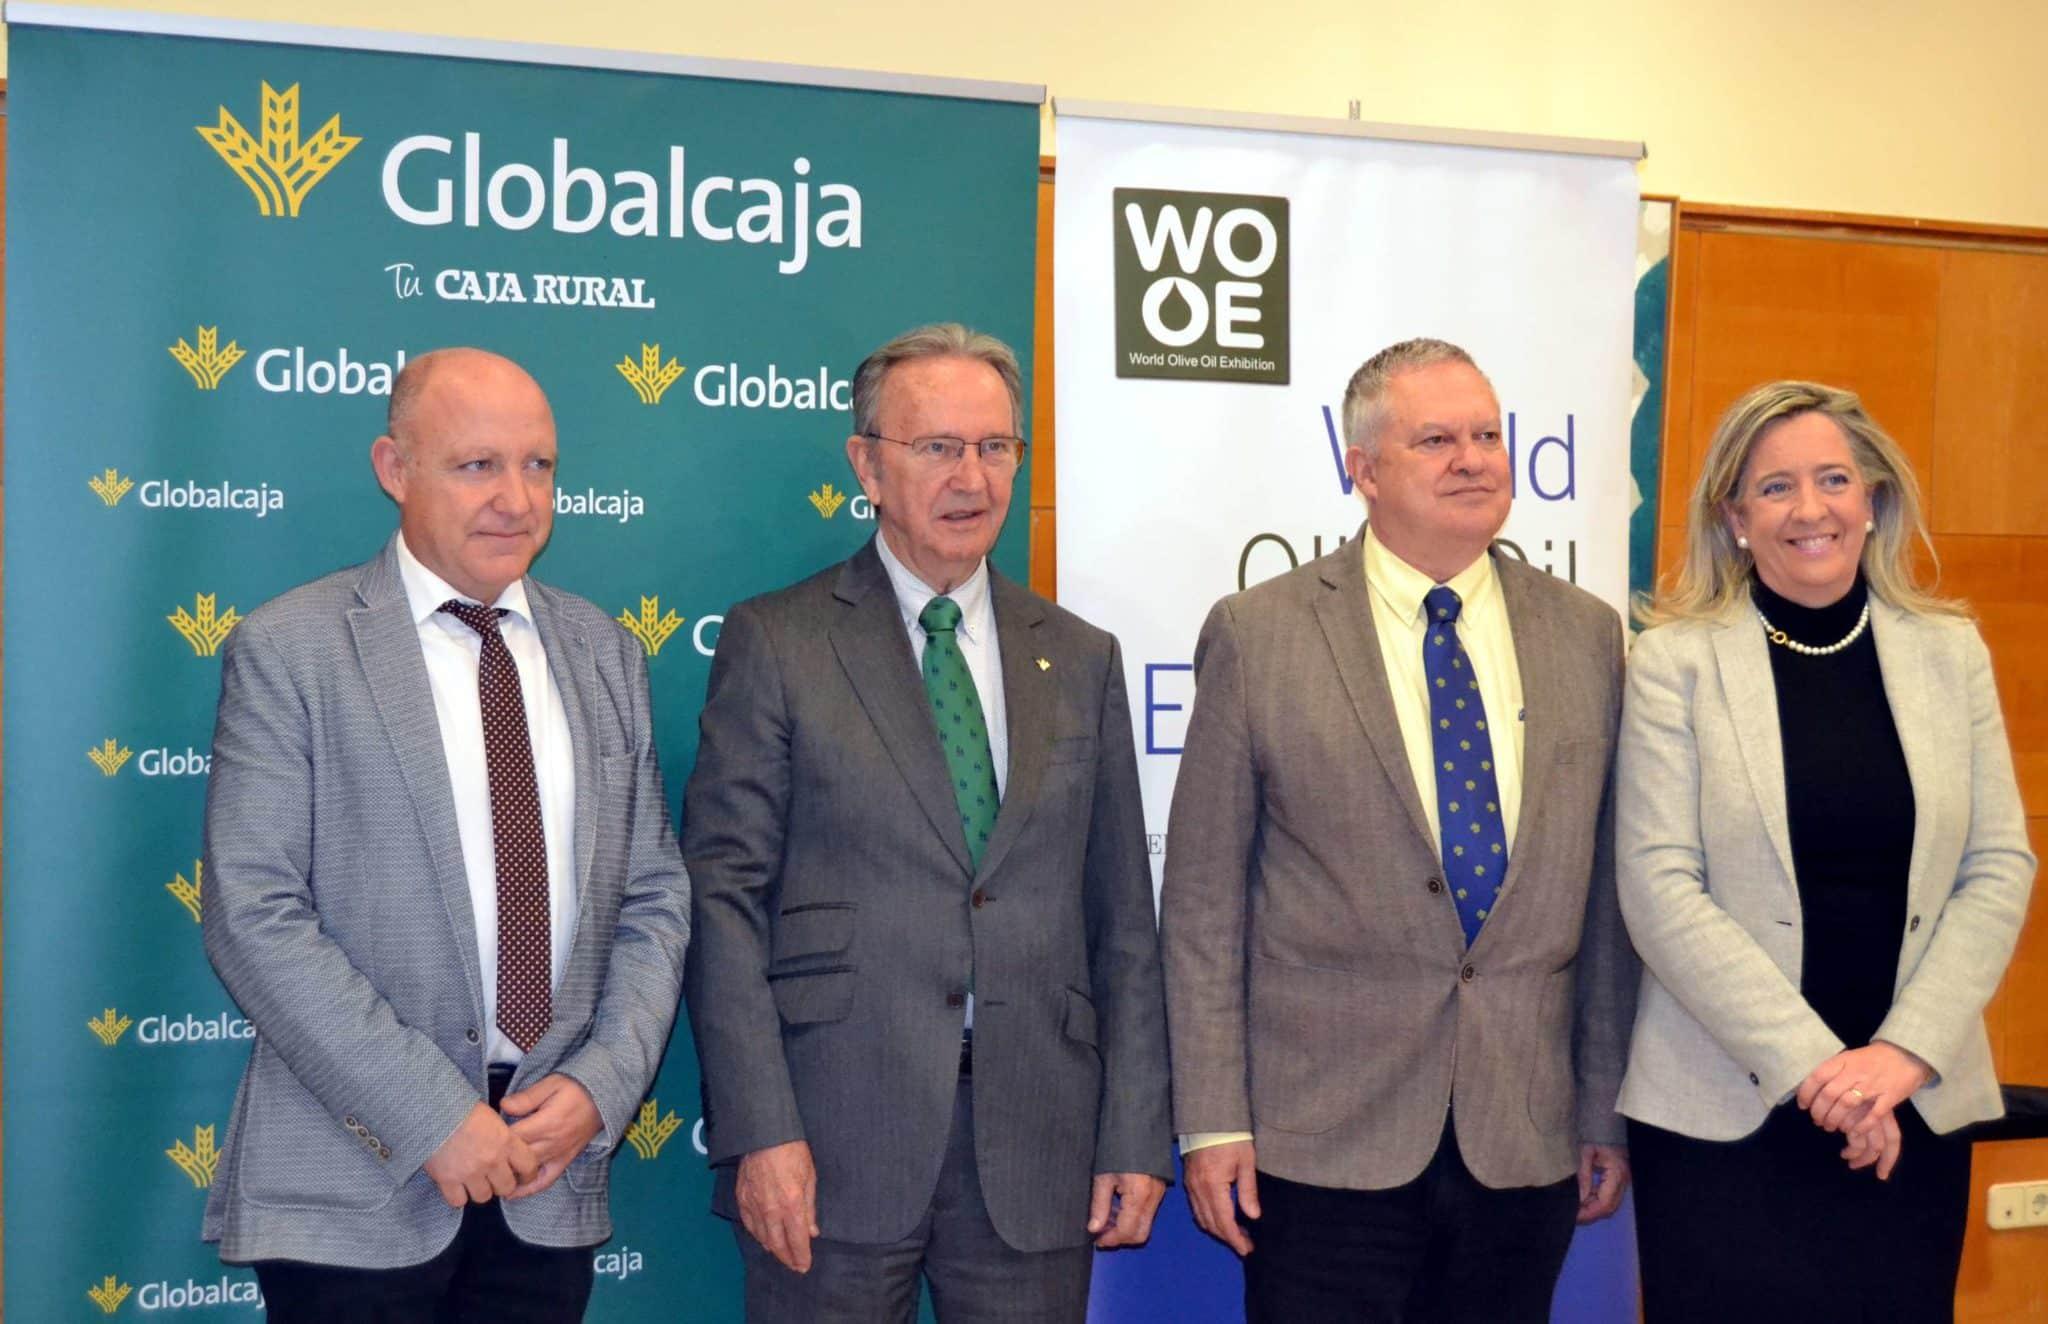 https://blog.globalcaja.es/wp-content/uploads/2019/03/WOOE_Presentación.jpg